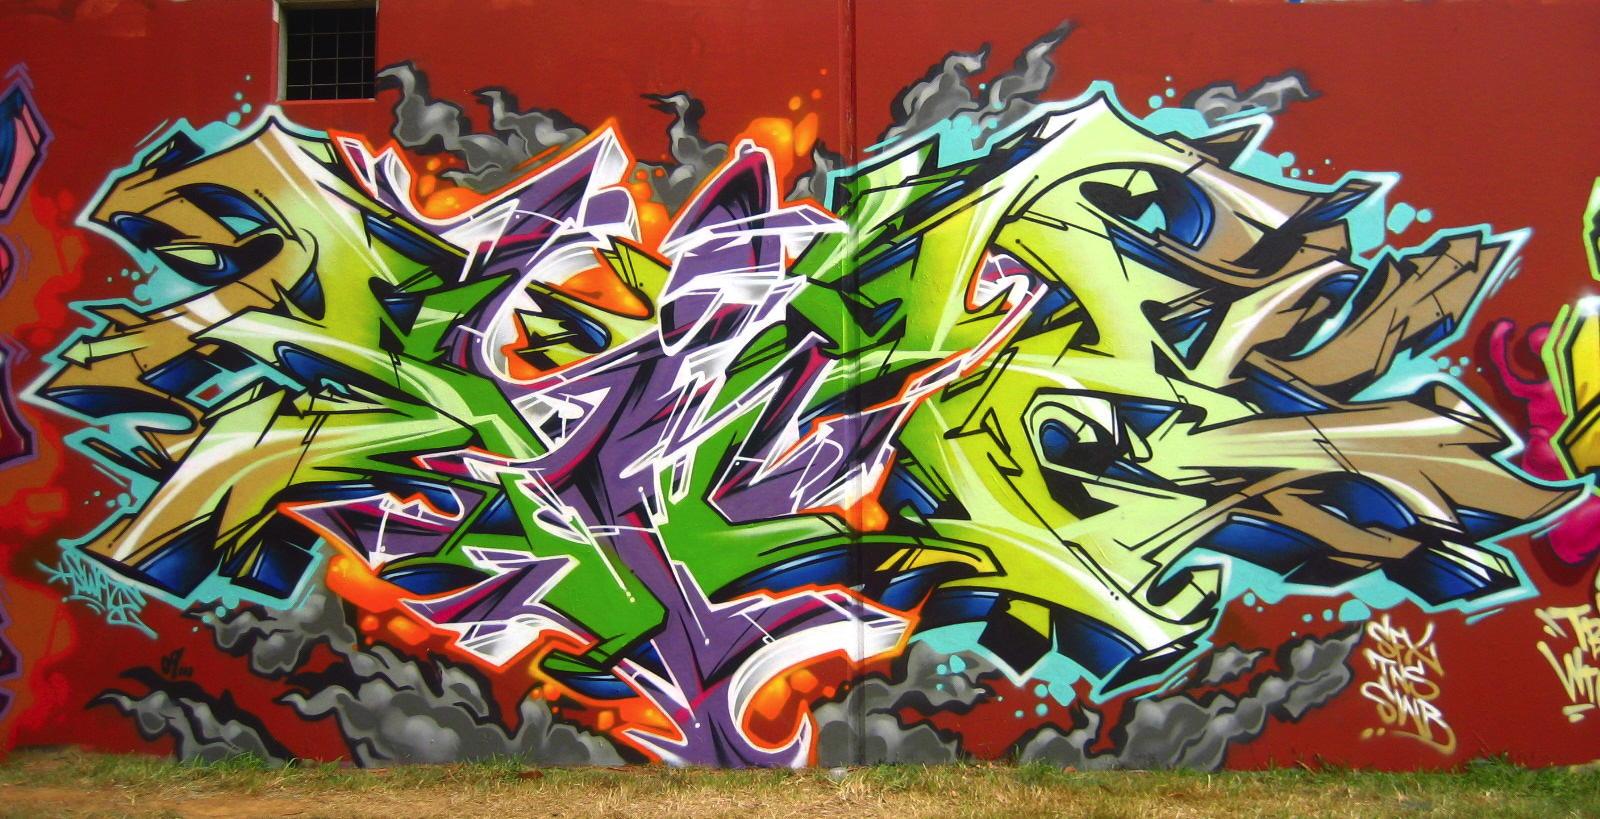 Превращение из картинки в граффити